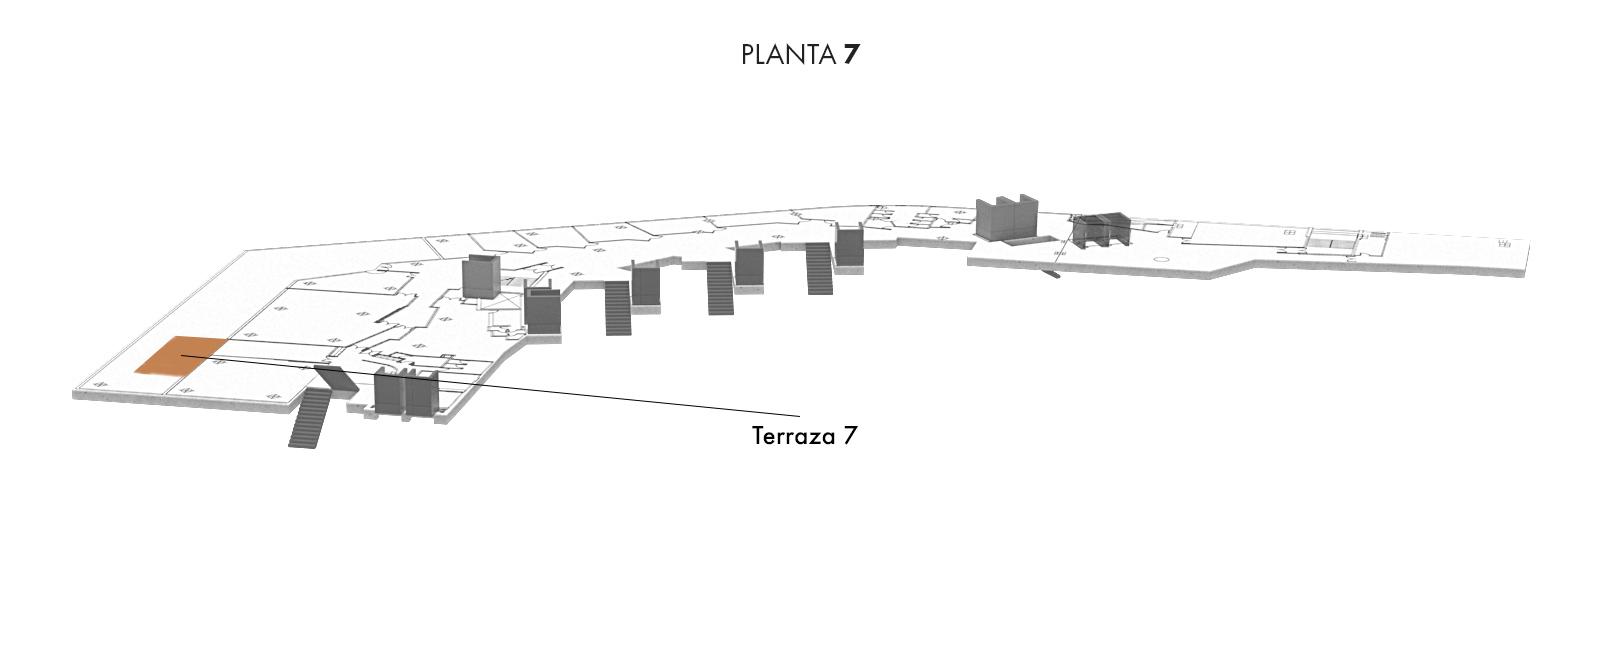 Terraza 7, Planta 7 | Palacio Euskalduna Jauregia